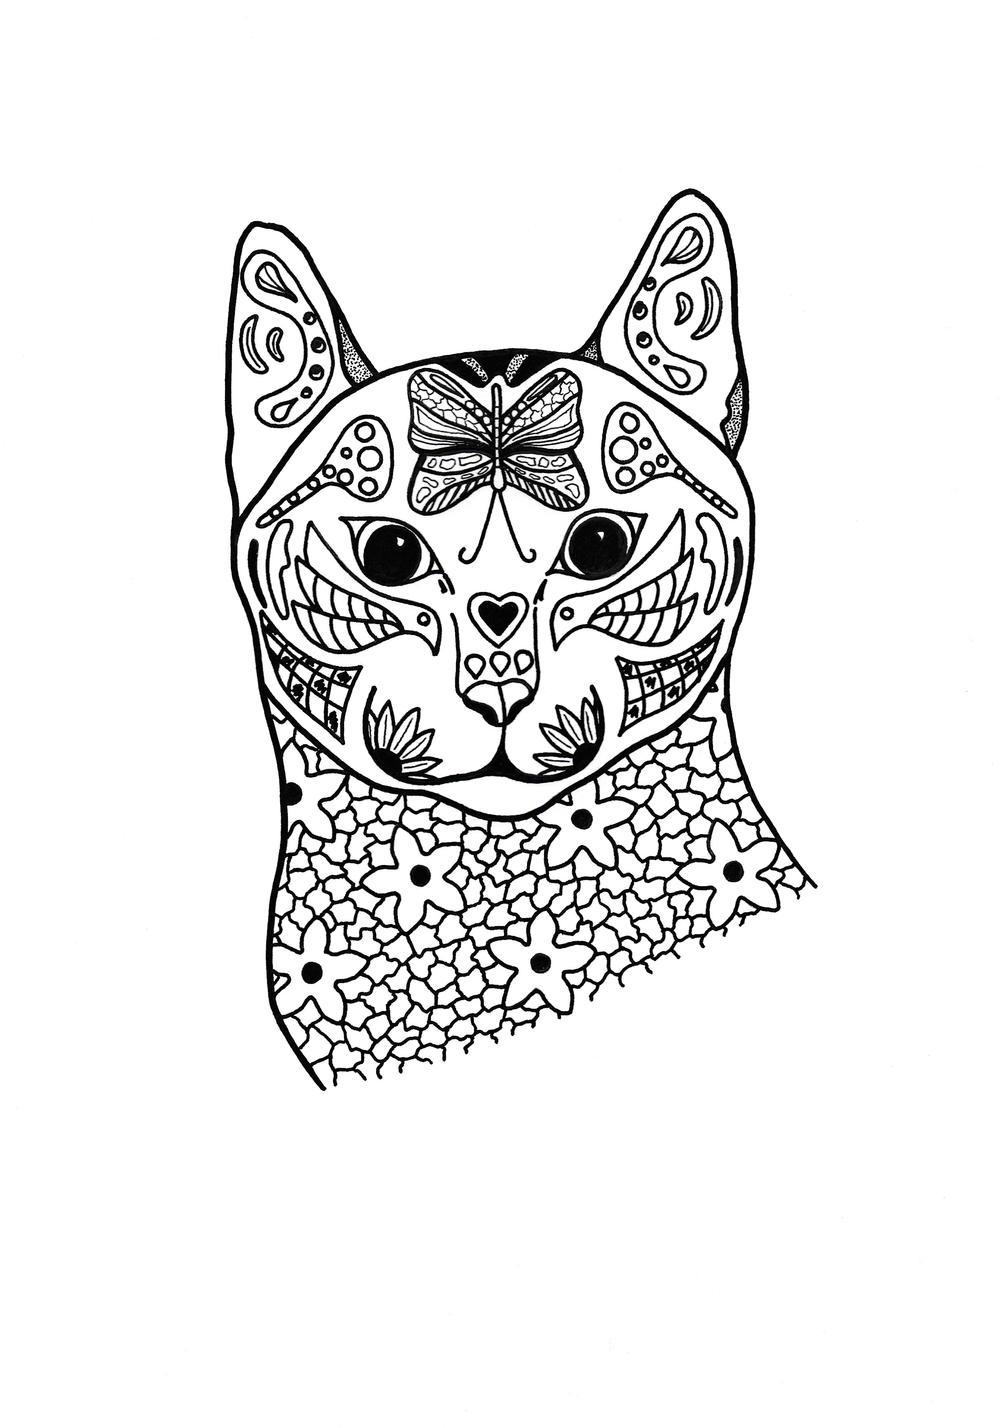 Springtime Cat Coloring Page FaveCrafts